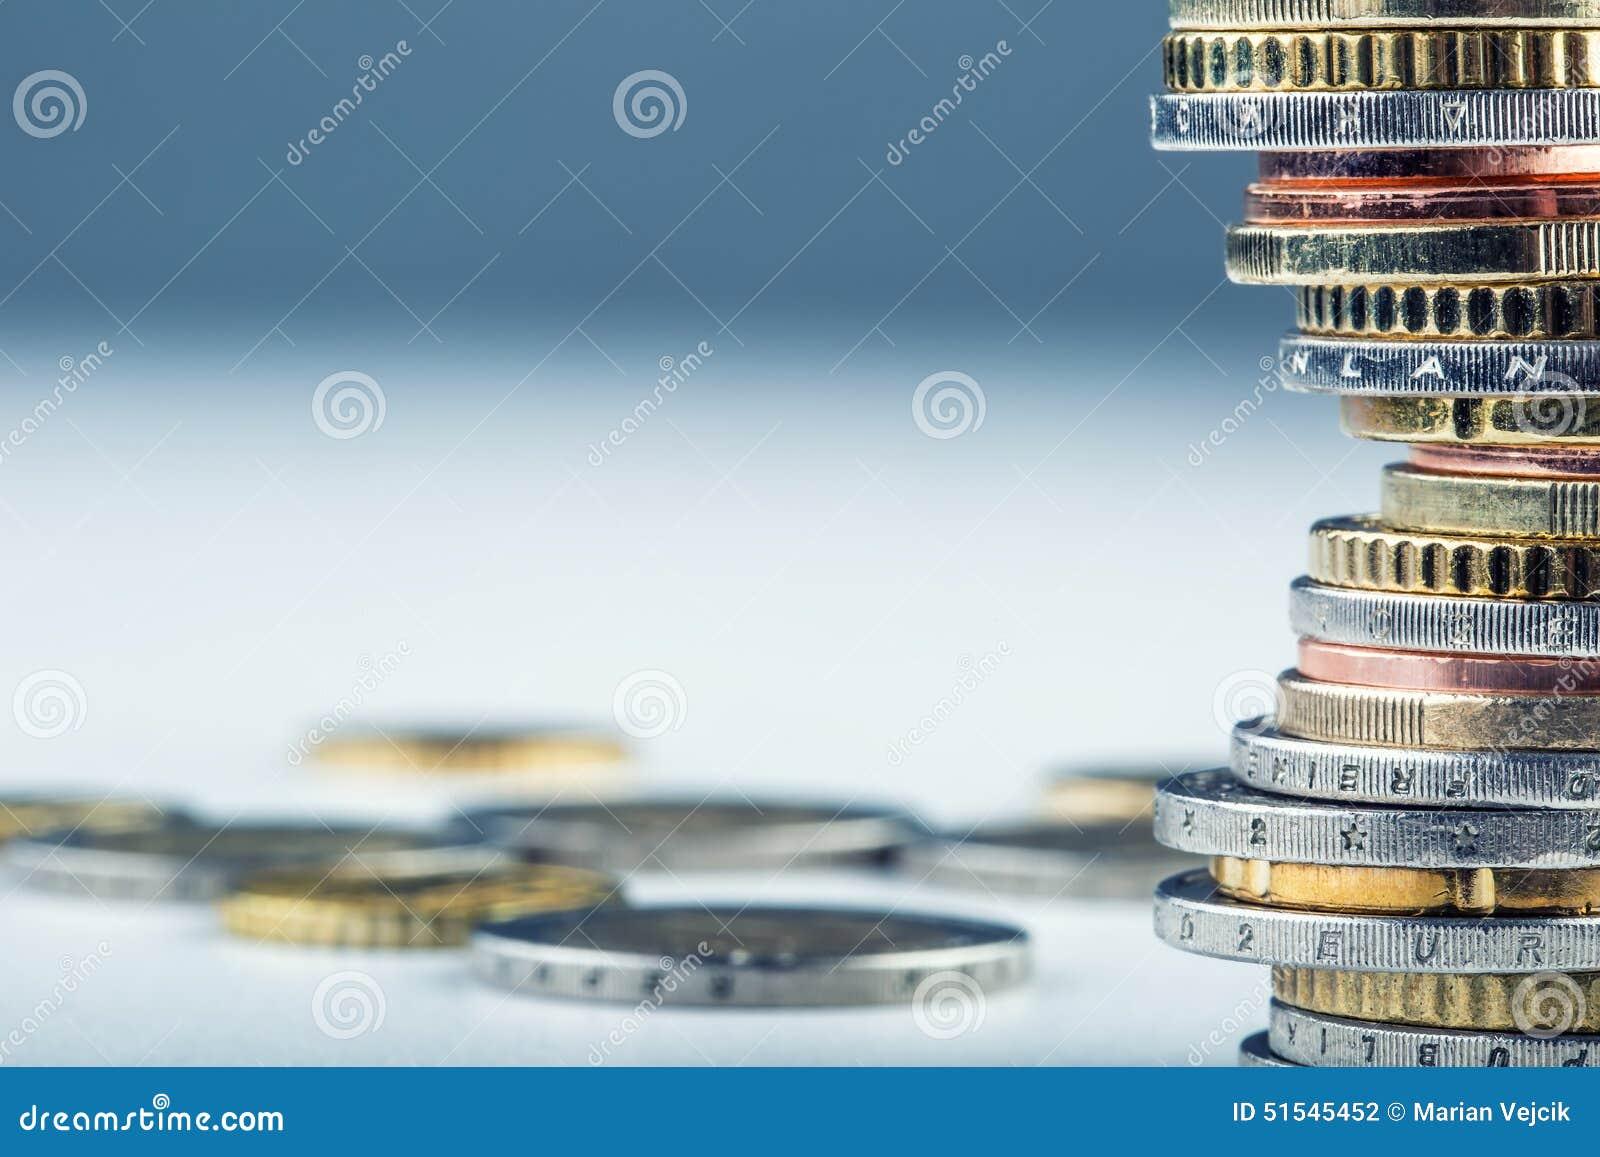 ευρώ νομισμάτων ευρο- ευρώ πέντε εστίαση εκατό τραπεζών σχοινί σημειώσεων χρημάτων εννοιολογικό ευρώ πενήντα πέντε δέκα νομίσματο